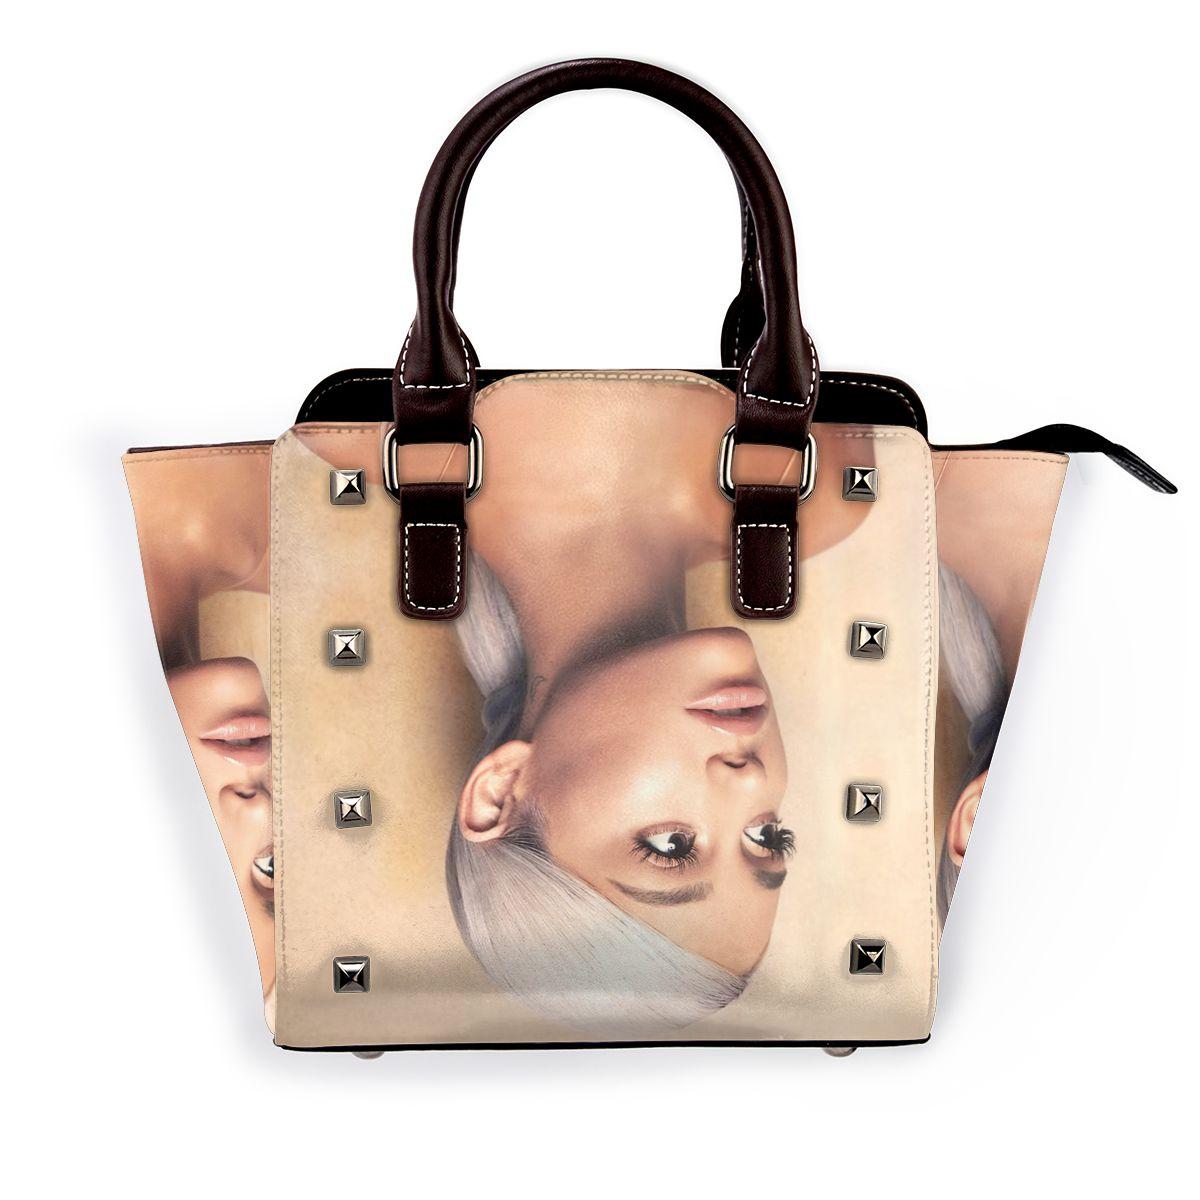 التحلية أريانا غراندي حقيبة كتف ألبوم صور موضة حقيبة يد أنيقة جلد التسوق حقائب نسائية